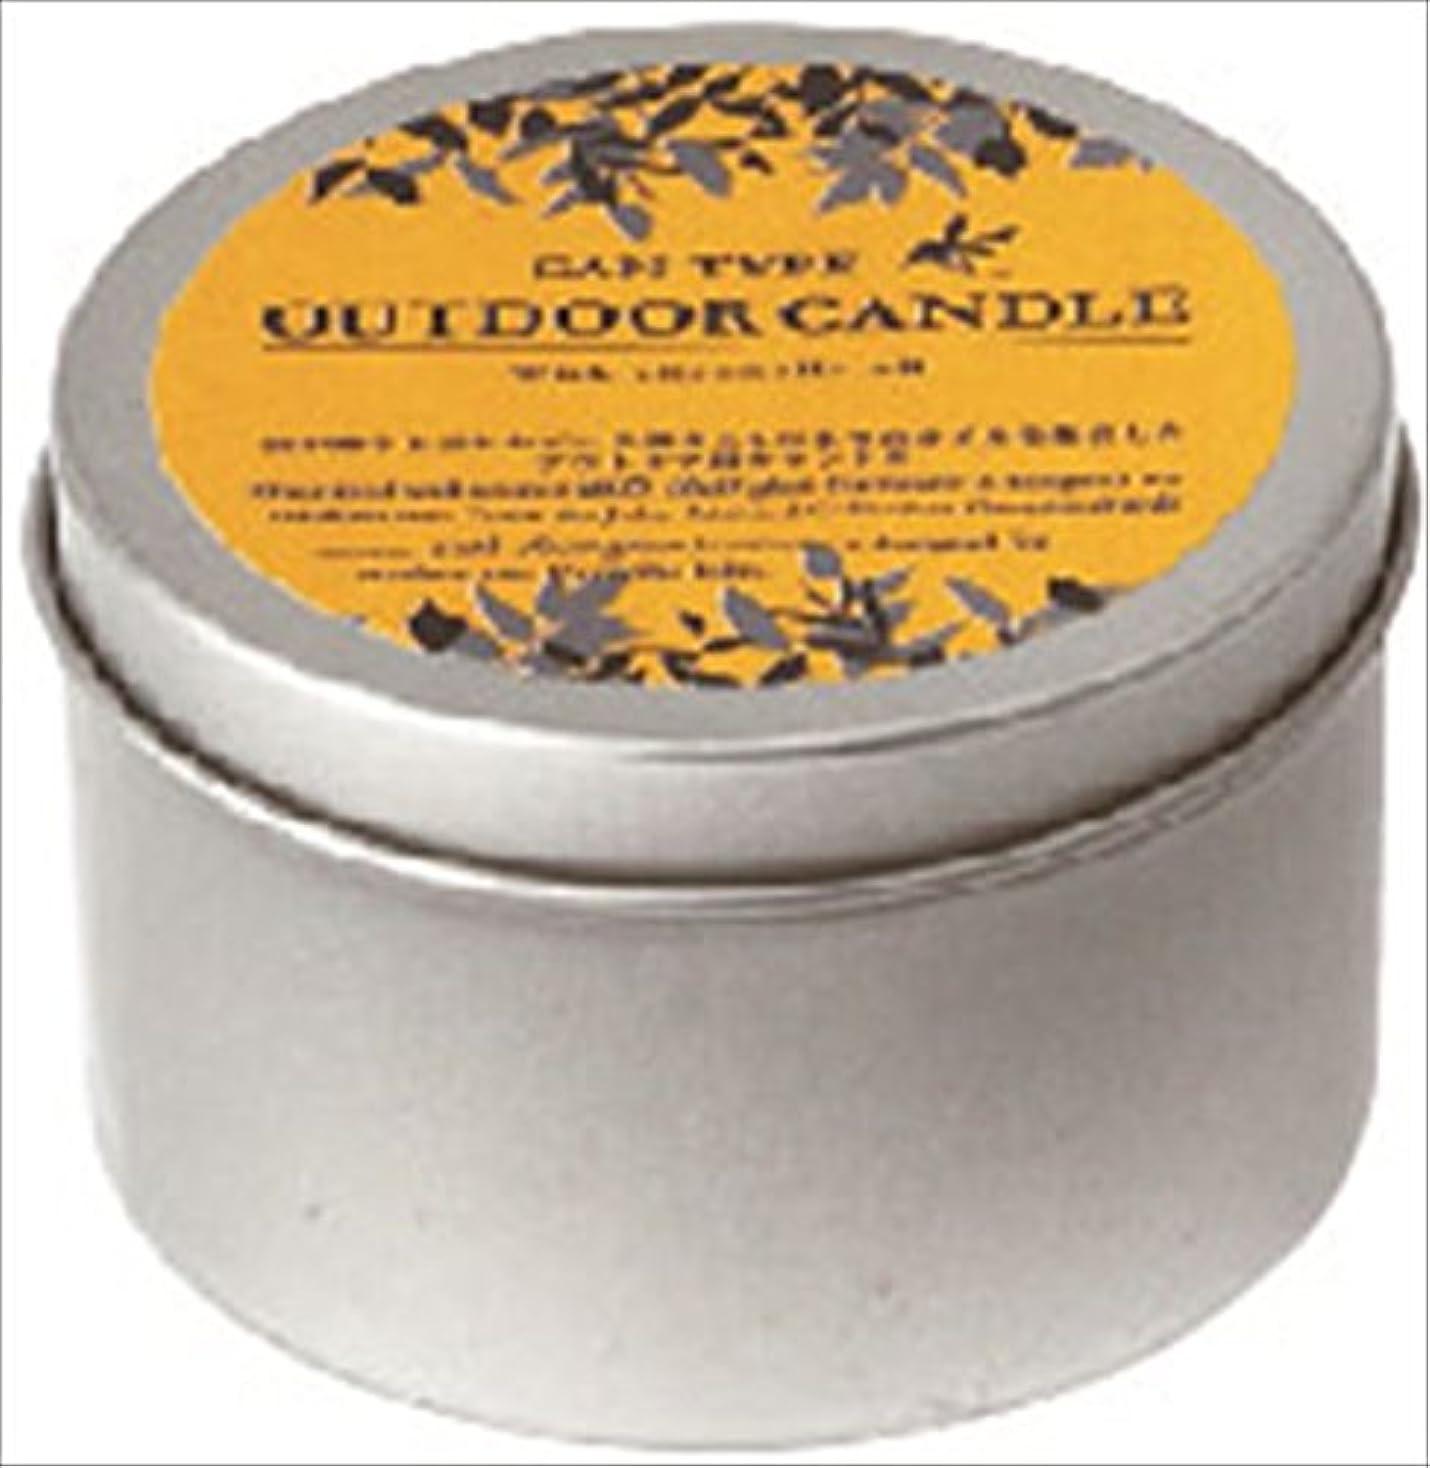 引き付ける消化器マークされたカメヤマキャンドル(kameyama candle) シトロネラ缶入りキャンドル A9300500